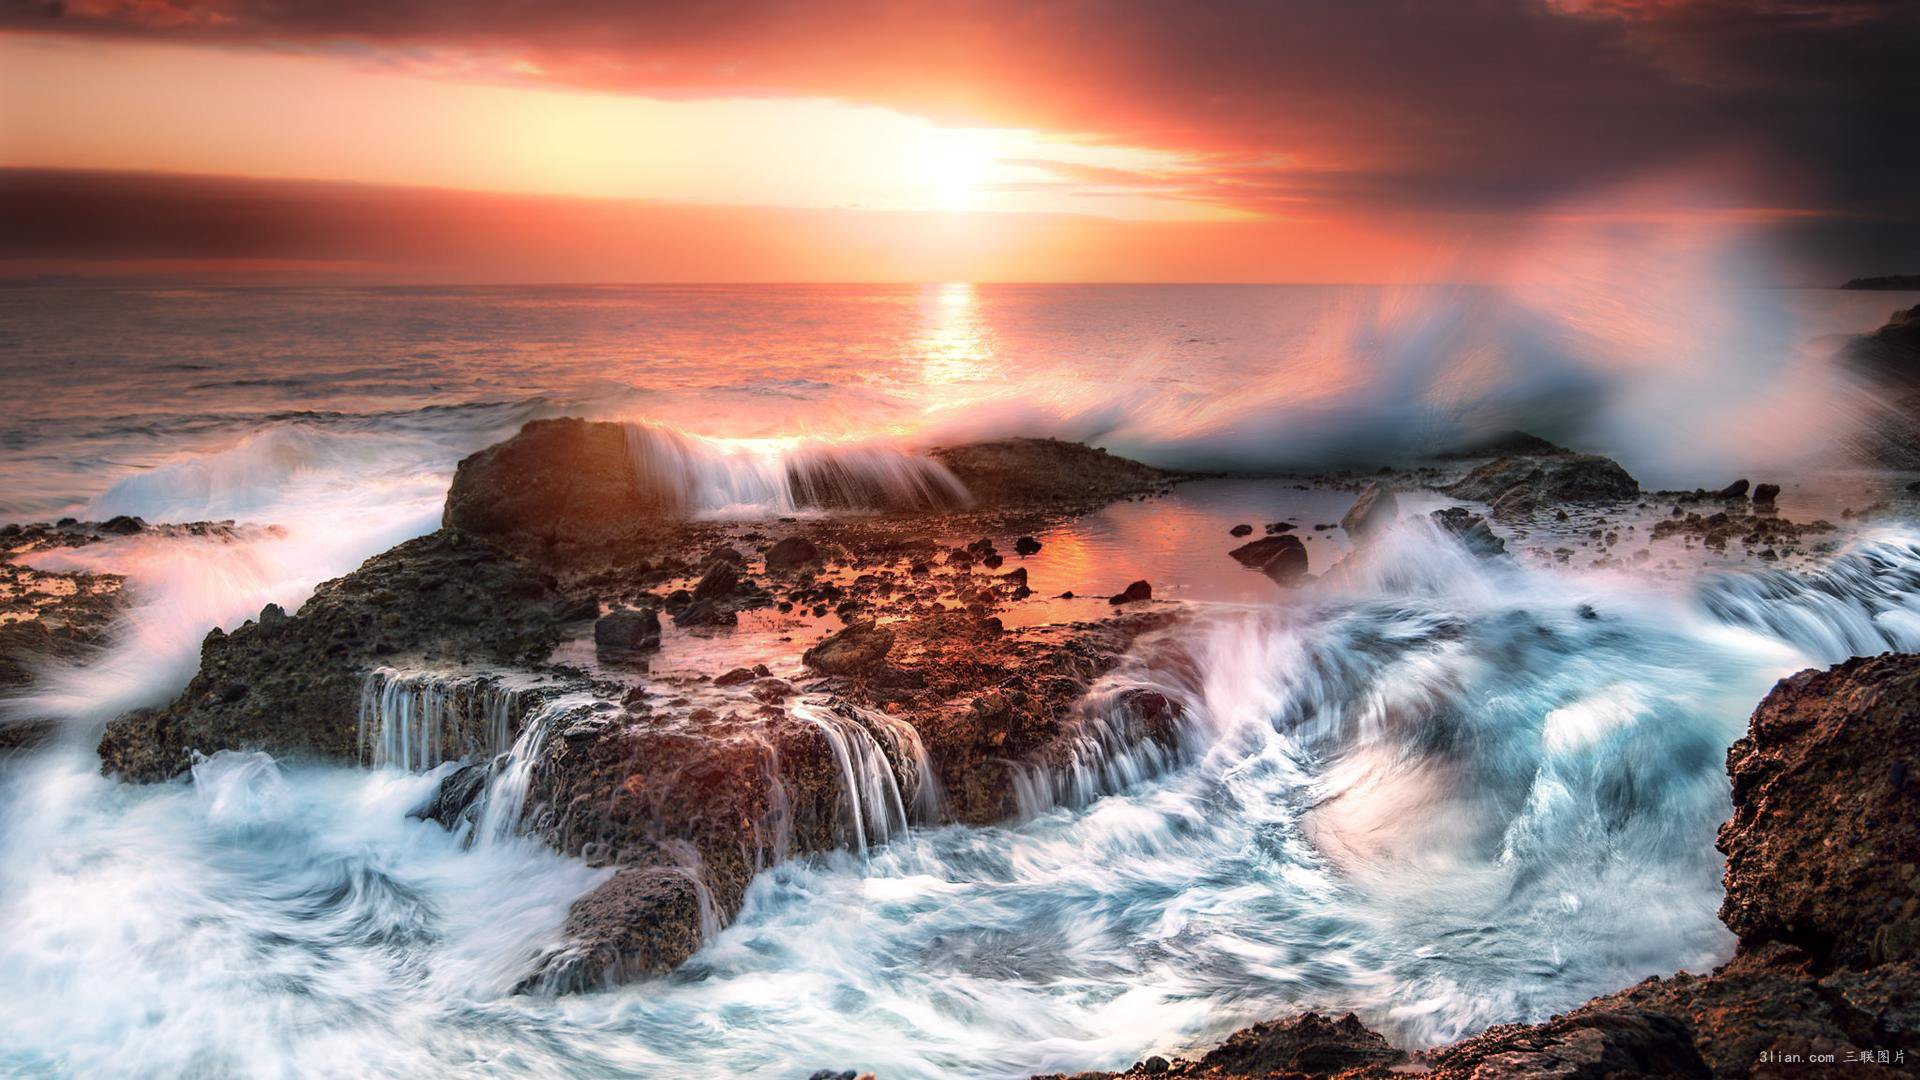 古风风景图片大全 美国加州风景图片大全(9张) _壁纸素材_百优a精美